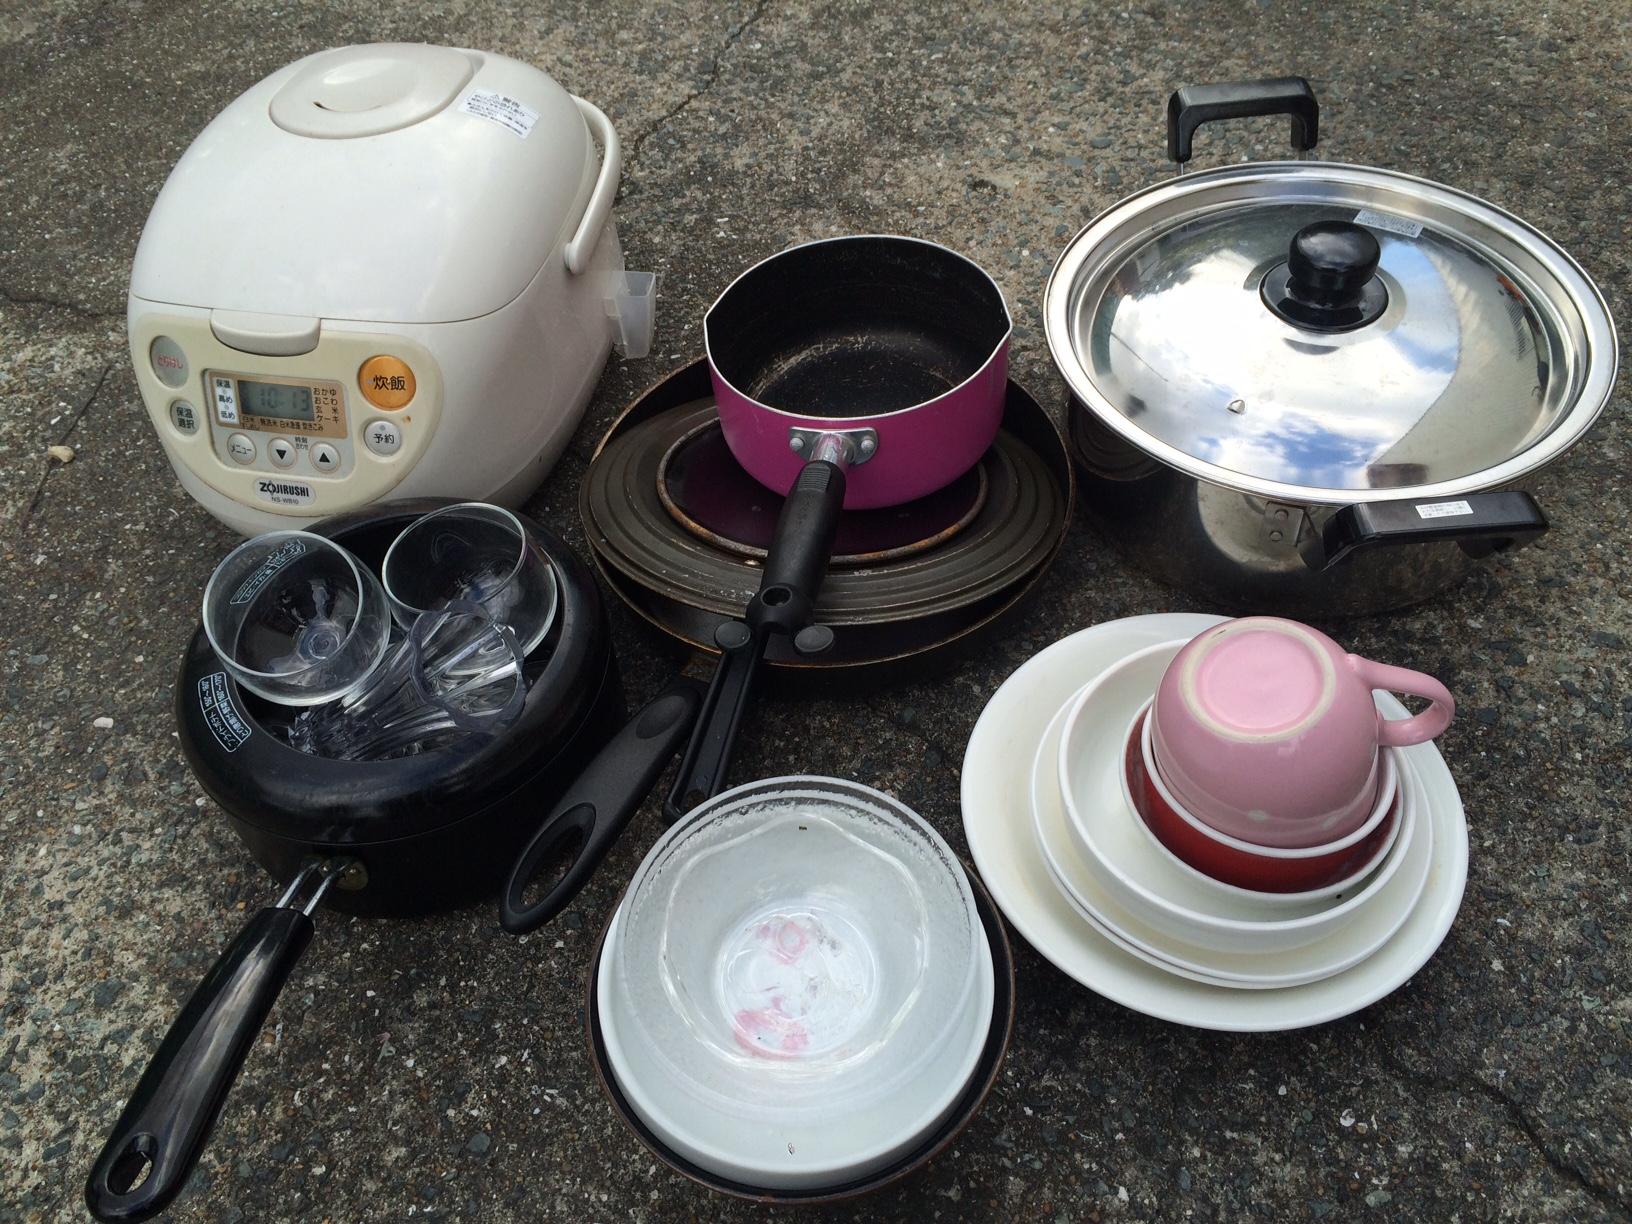 衣類回収熊本、食器回収熊本、ベッド回収熊本、引越しゴミ回収熊本、積み放題、粗大ごみ回収熊本